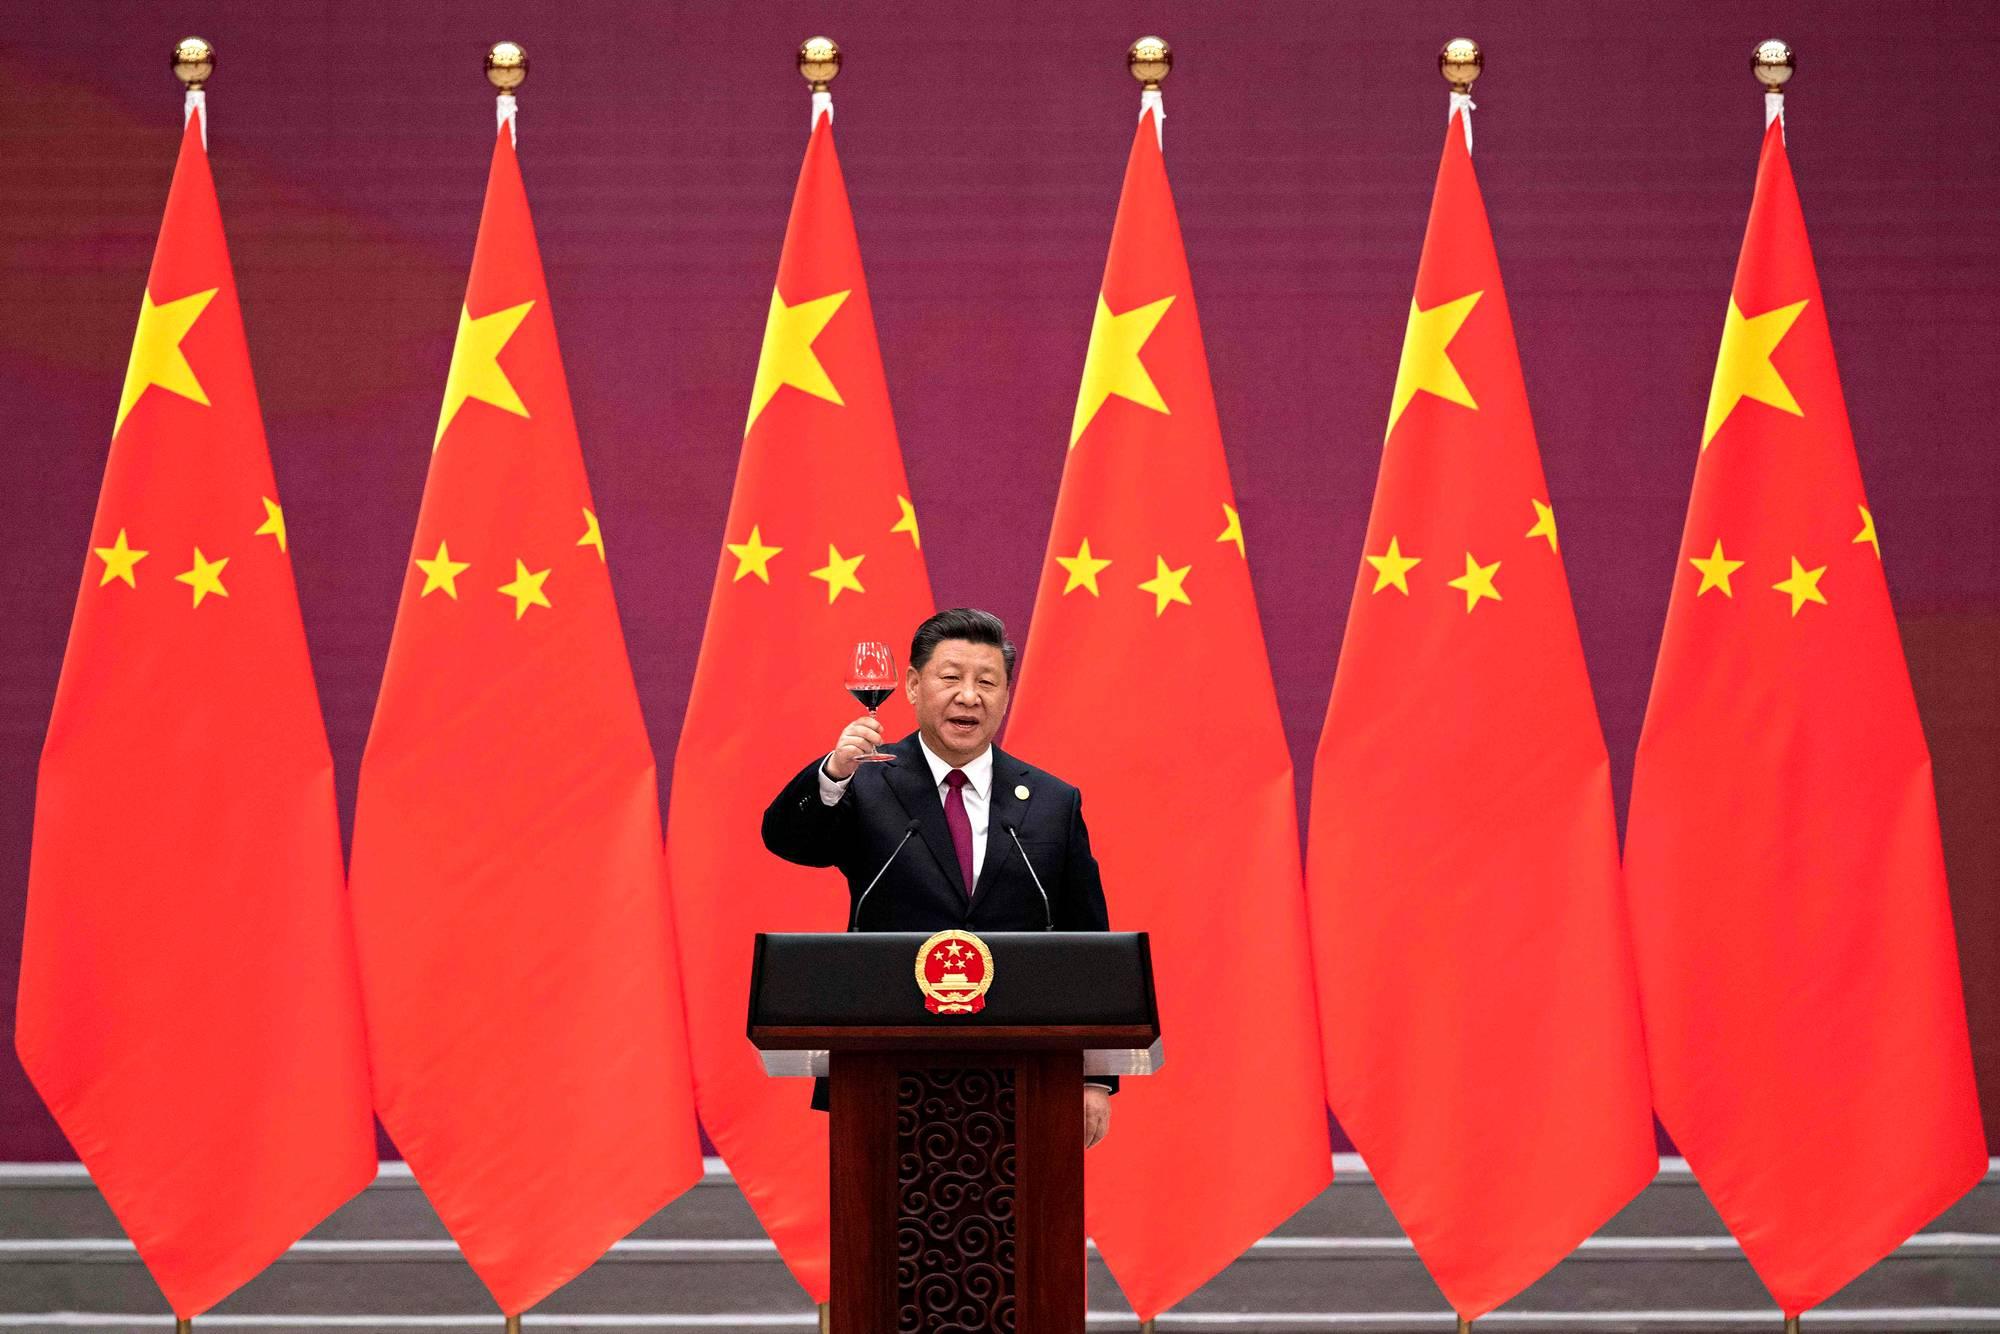 Presidentti Xi Jinping nosti juhlapuheensa päätteeksi maljan Kiinan Tie ja vyö -investointiohjelman tilaisuudessa Pekingissä 26. huhtikuuta 2019.